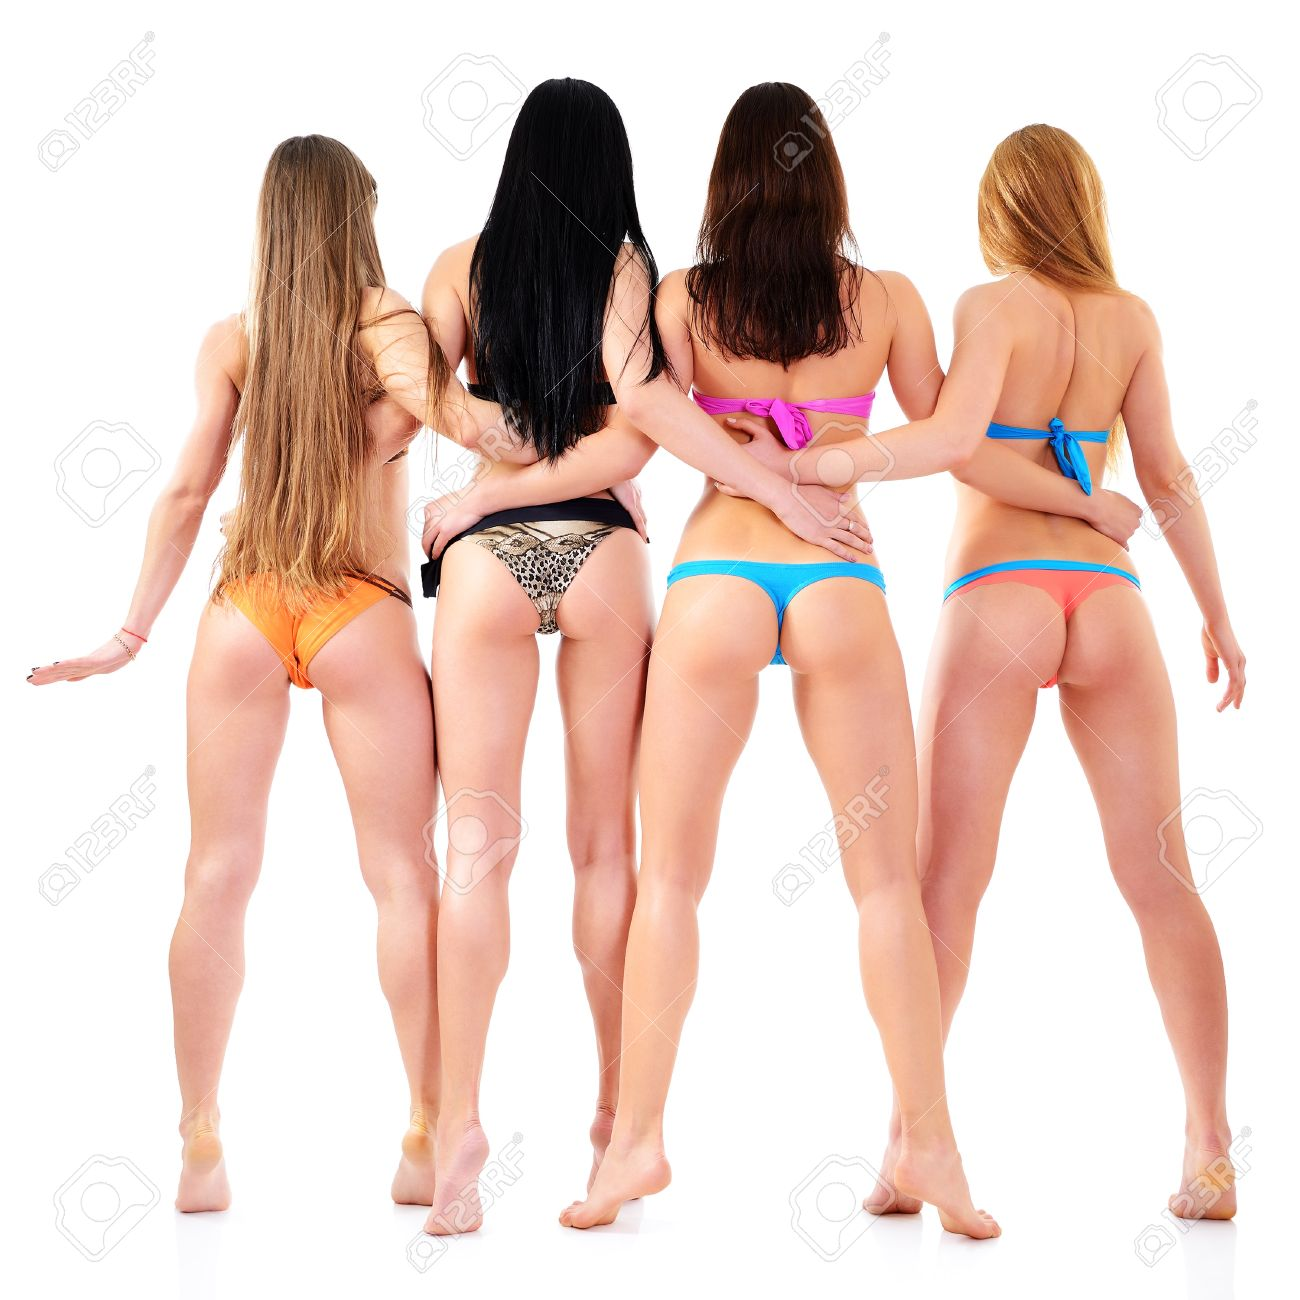 Фото девушек в бикини сзади 23 фотография